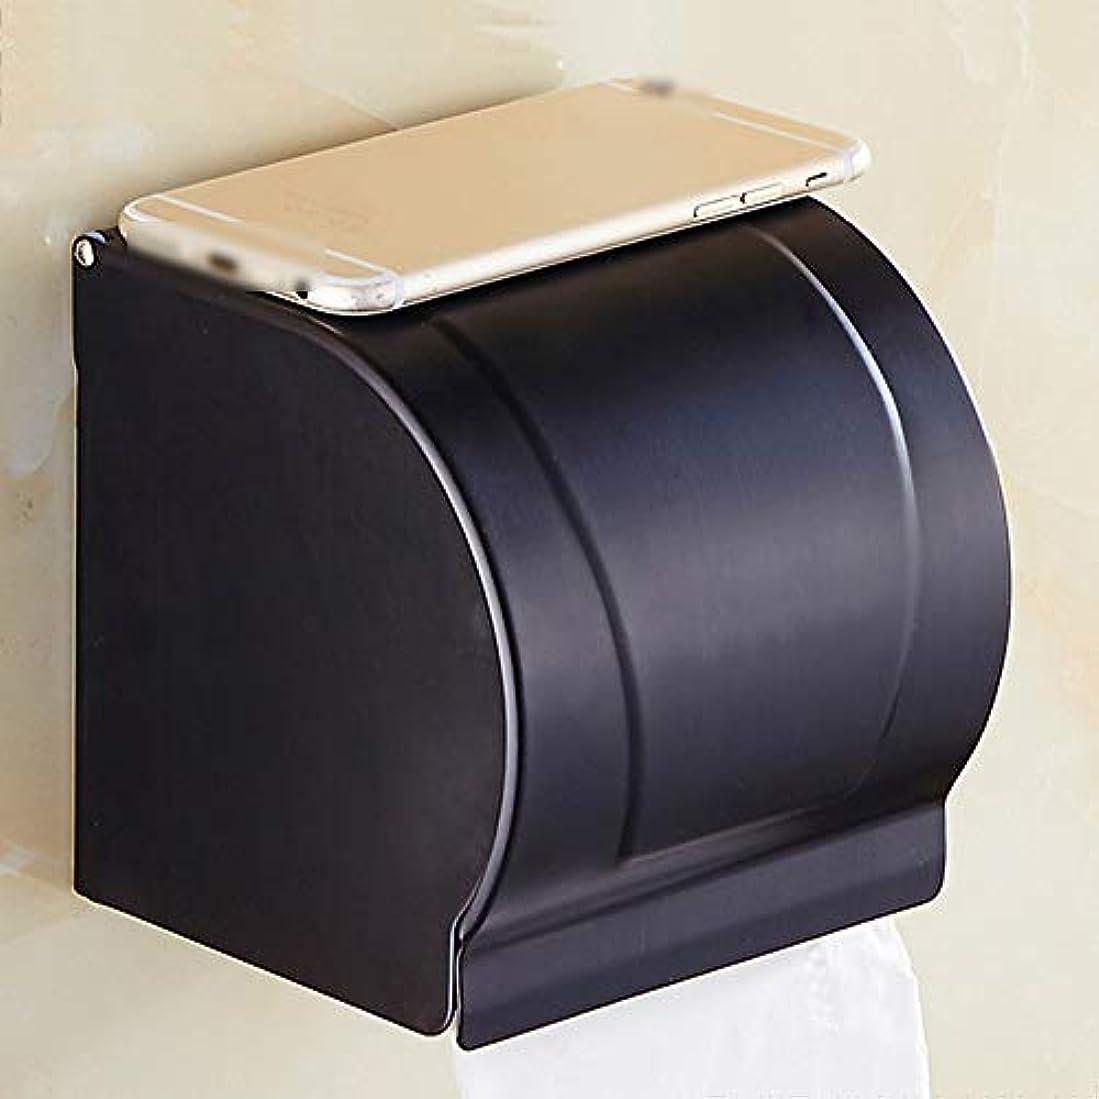 ほかにホット美容師ZZLX 紙タオルホルダー、フル銅ブラックアンティーク防水ロールホルダートイレットペーパーホルダー ロングハンドル風呂ブラシ (色 : Black ancient, サイズ さいず : 1#)